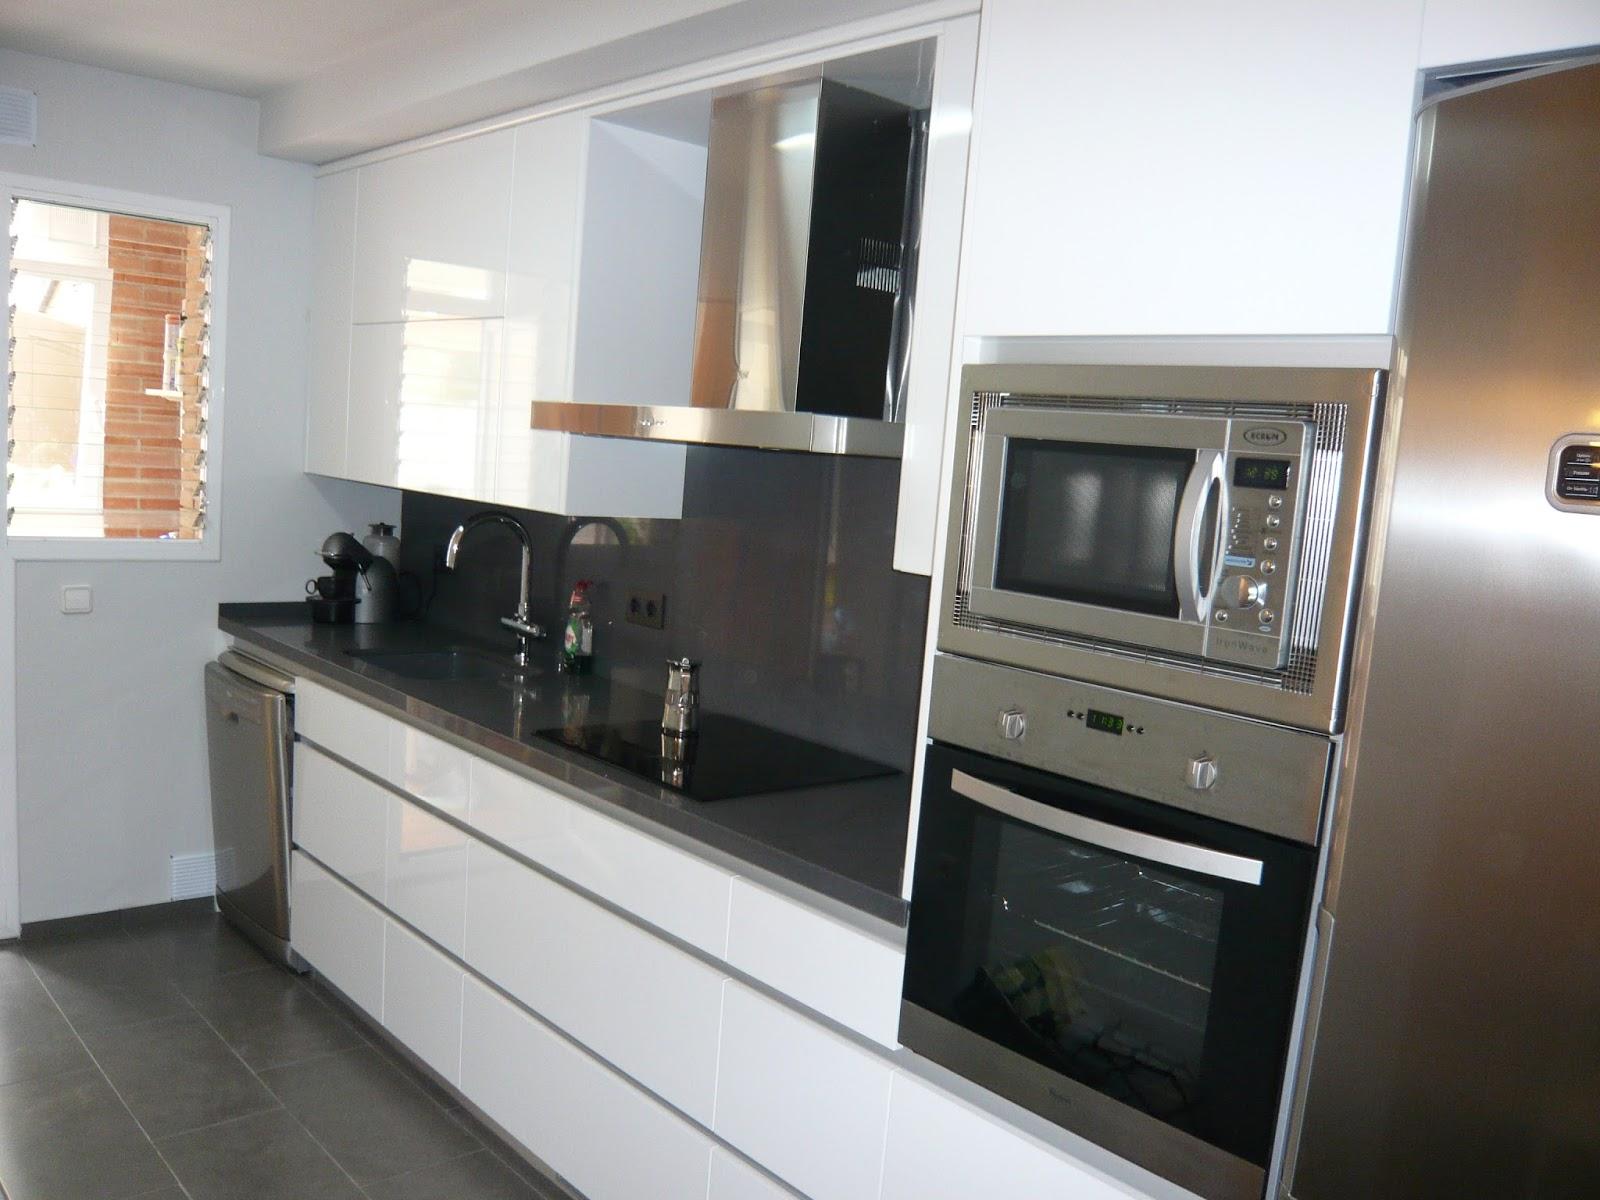 Reuscuina muebles de cocina sin tiradores for Tiradores muebles cocina